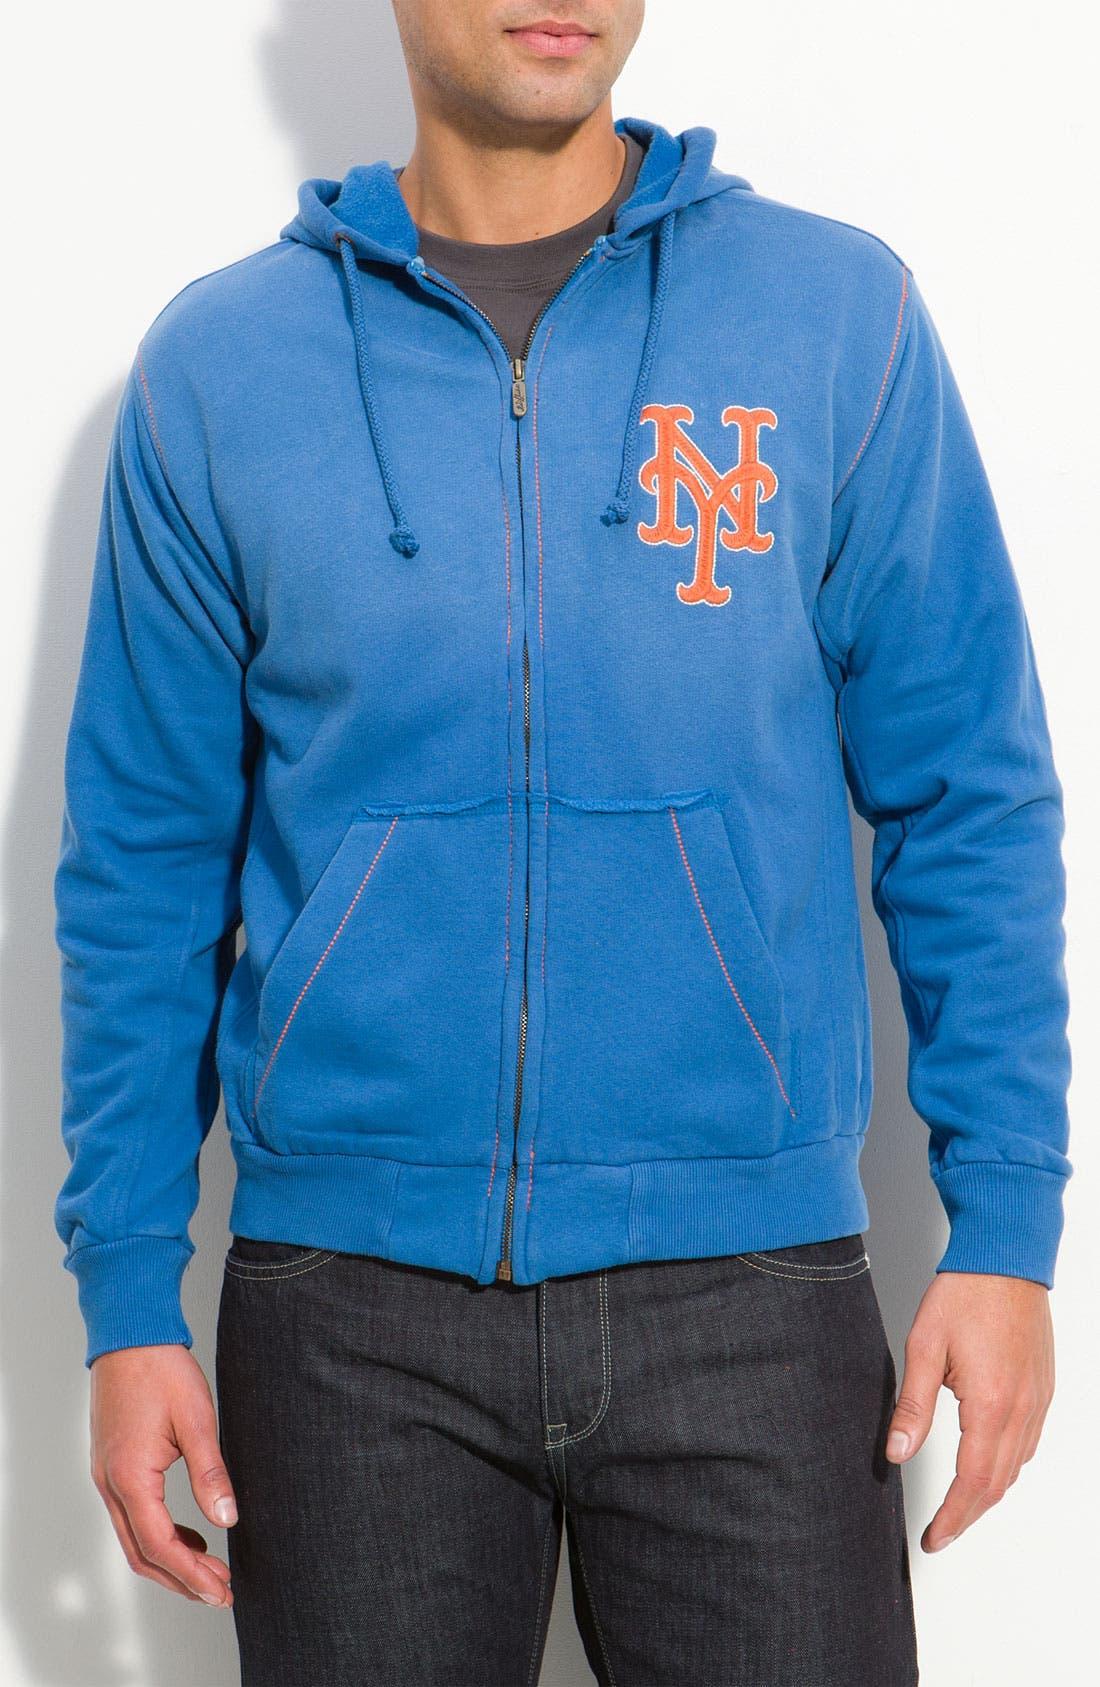 Alternate Image 1 Selected - Red Jacket 'Mets' Hoodie